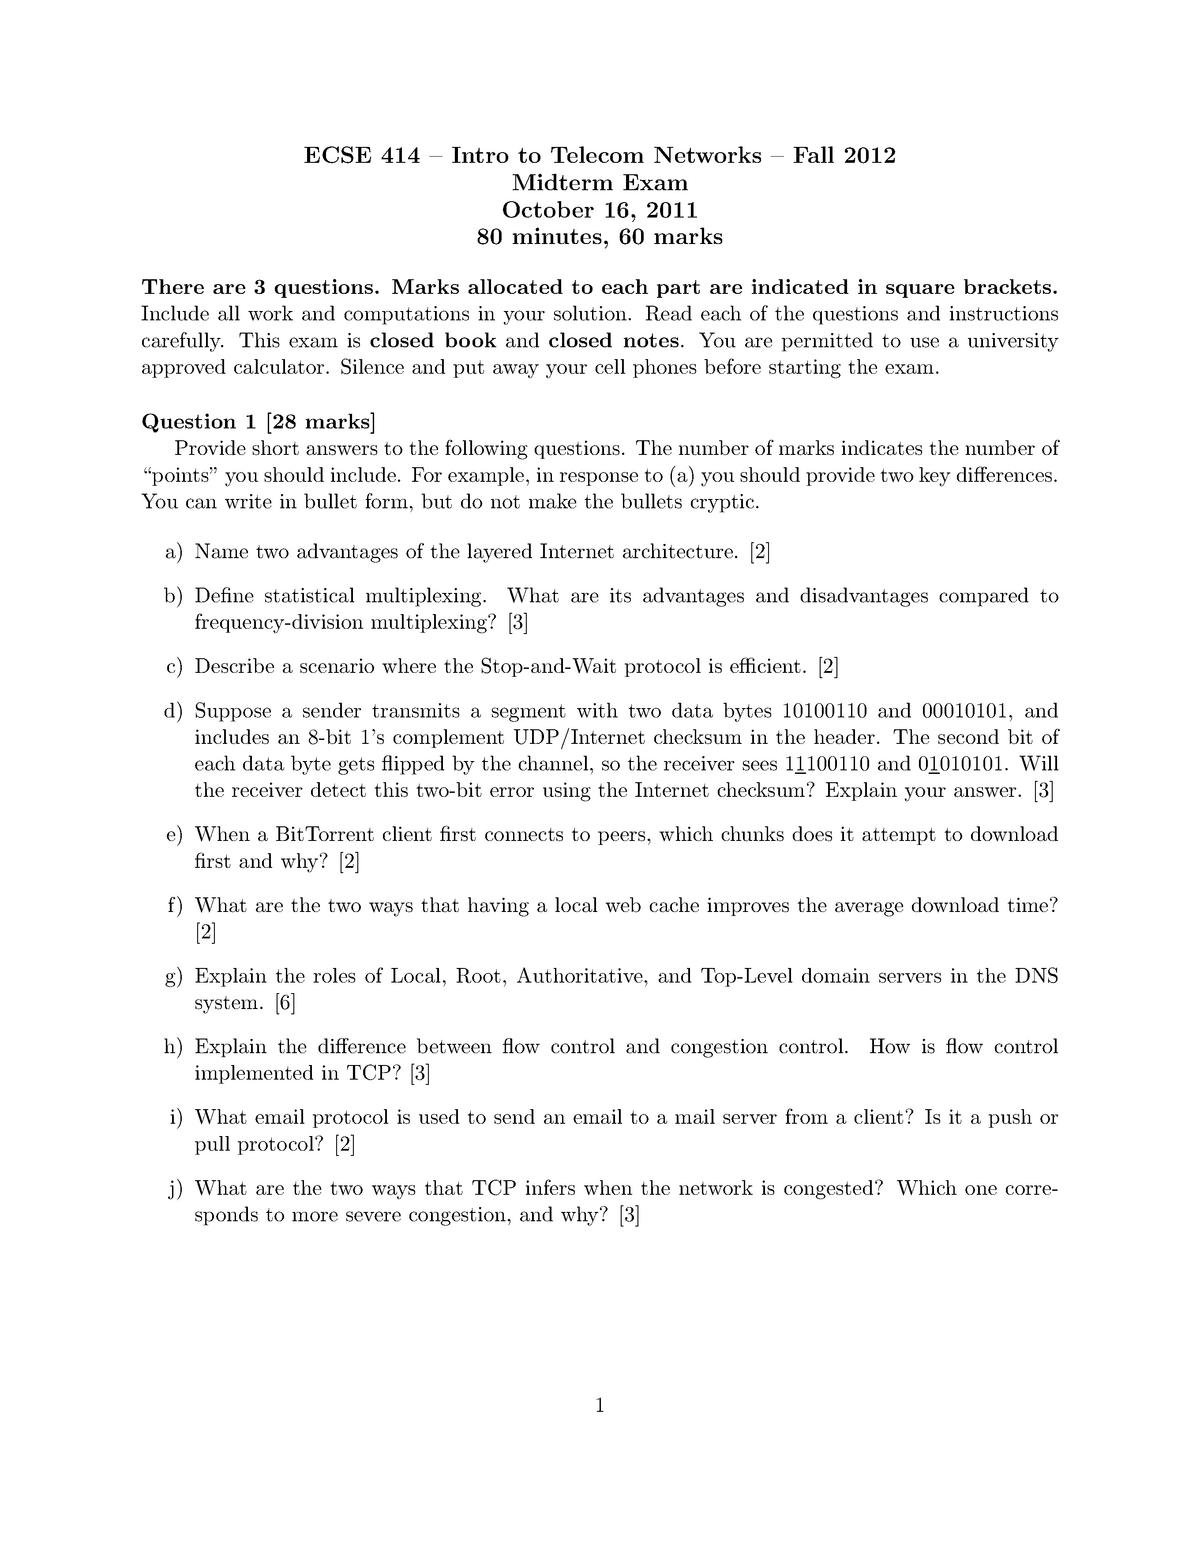 Exam 2011 - Ecse 414: Introduction to Telecommunication Networks